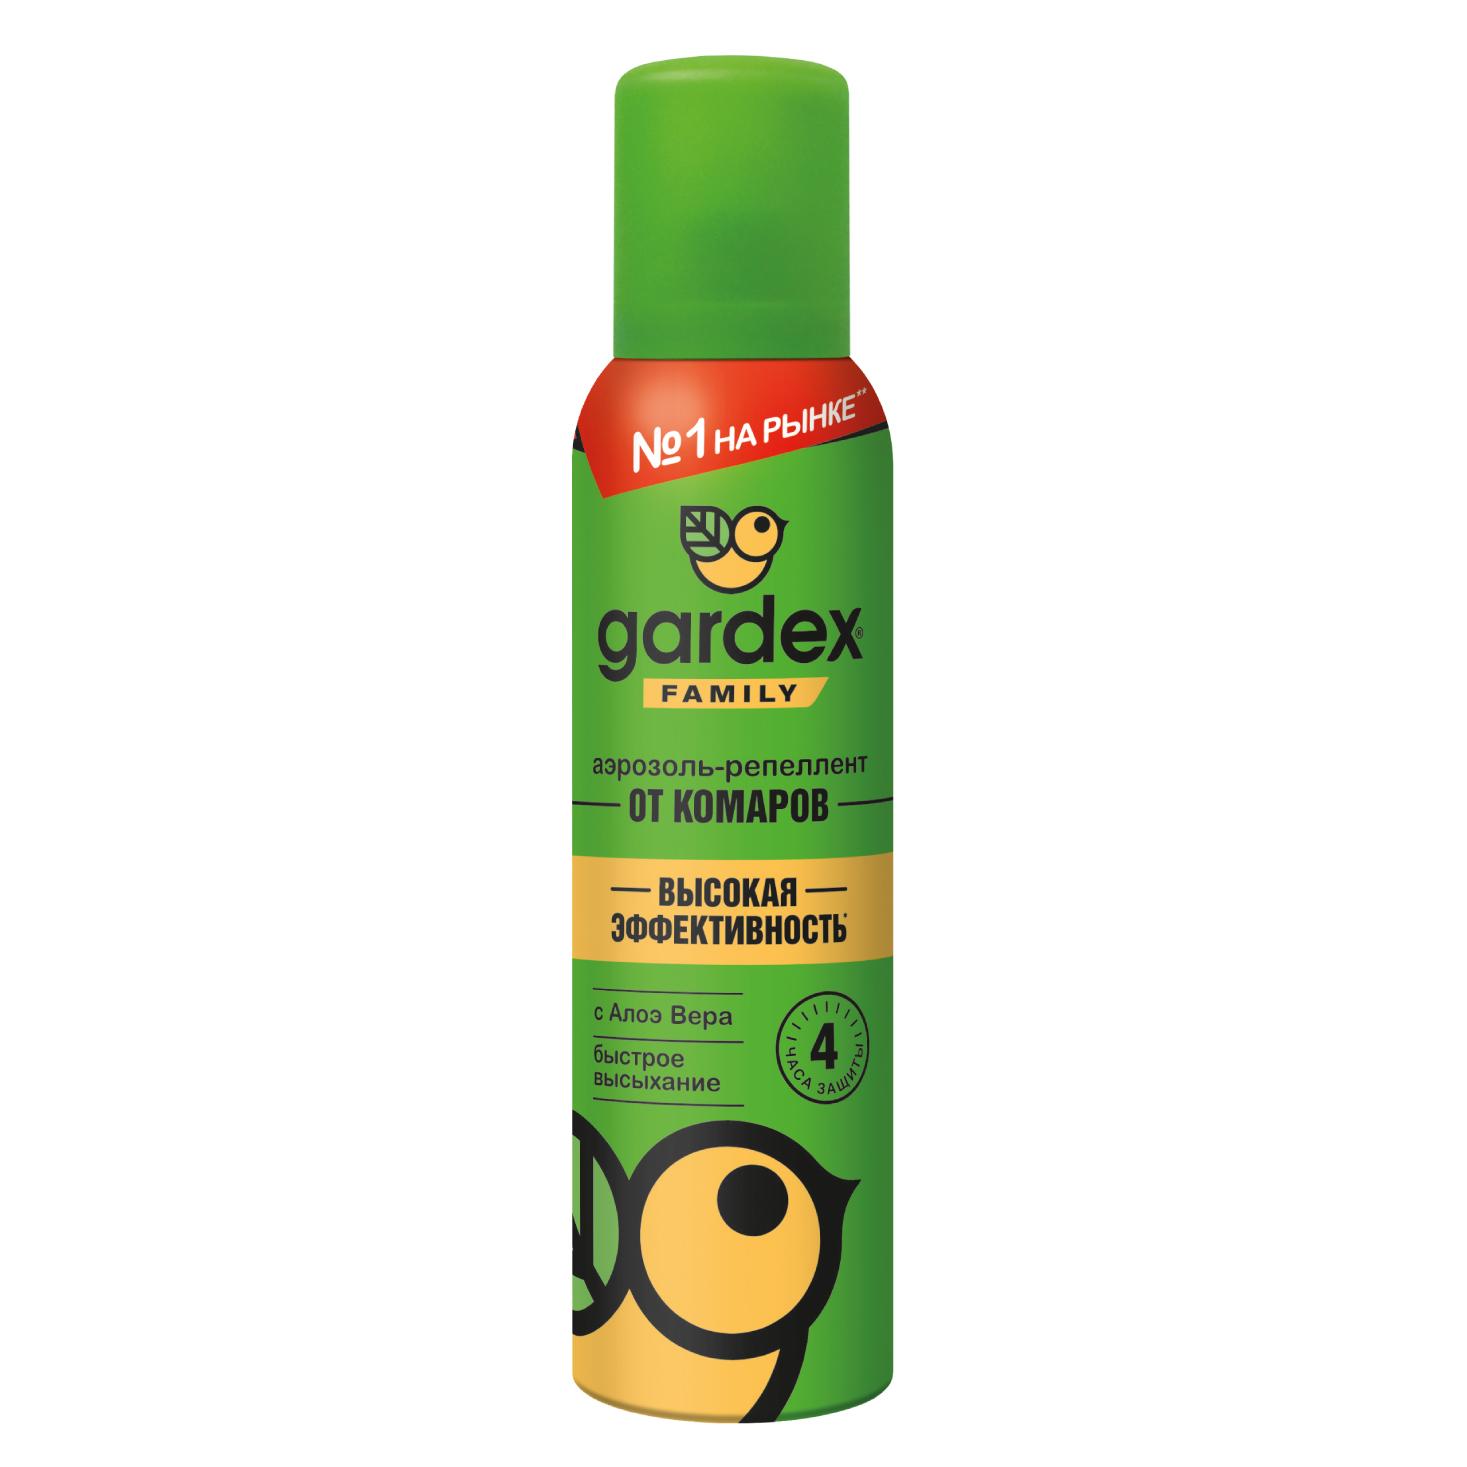 Купить Спрей Gardex Family от комаров с алоэ вера для нанесения на кожу 250 мл, UPECO/Gardex, спрей, Россия